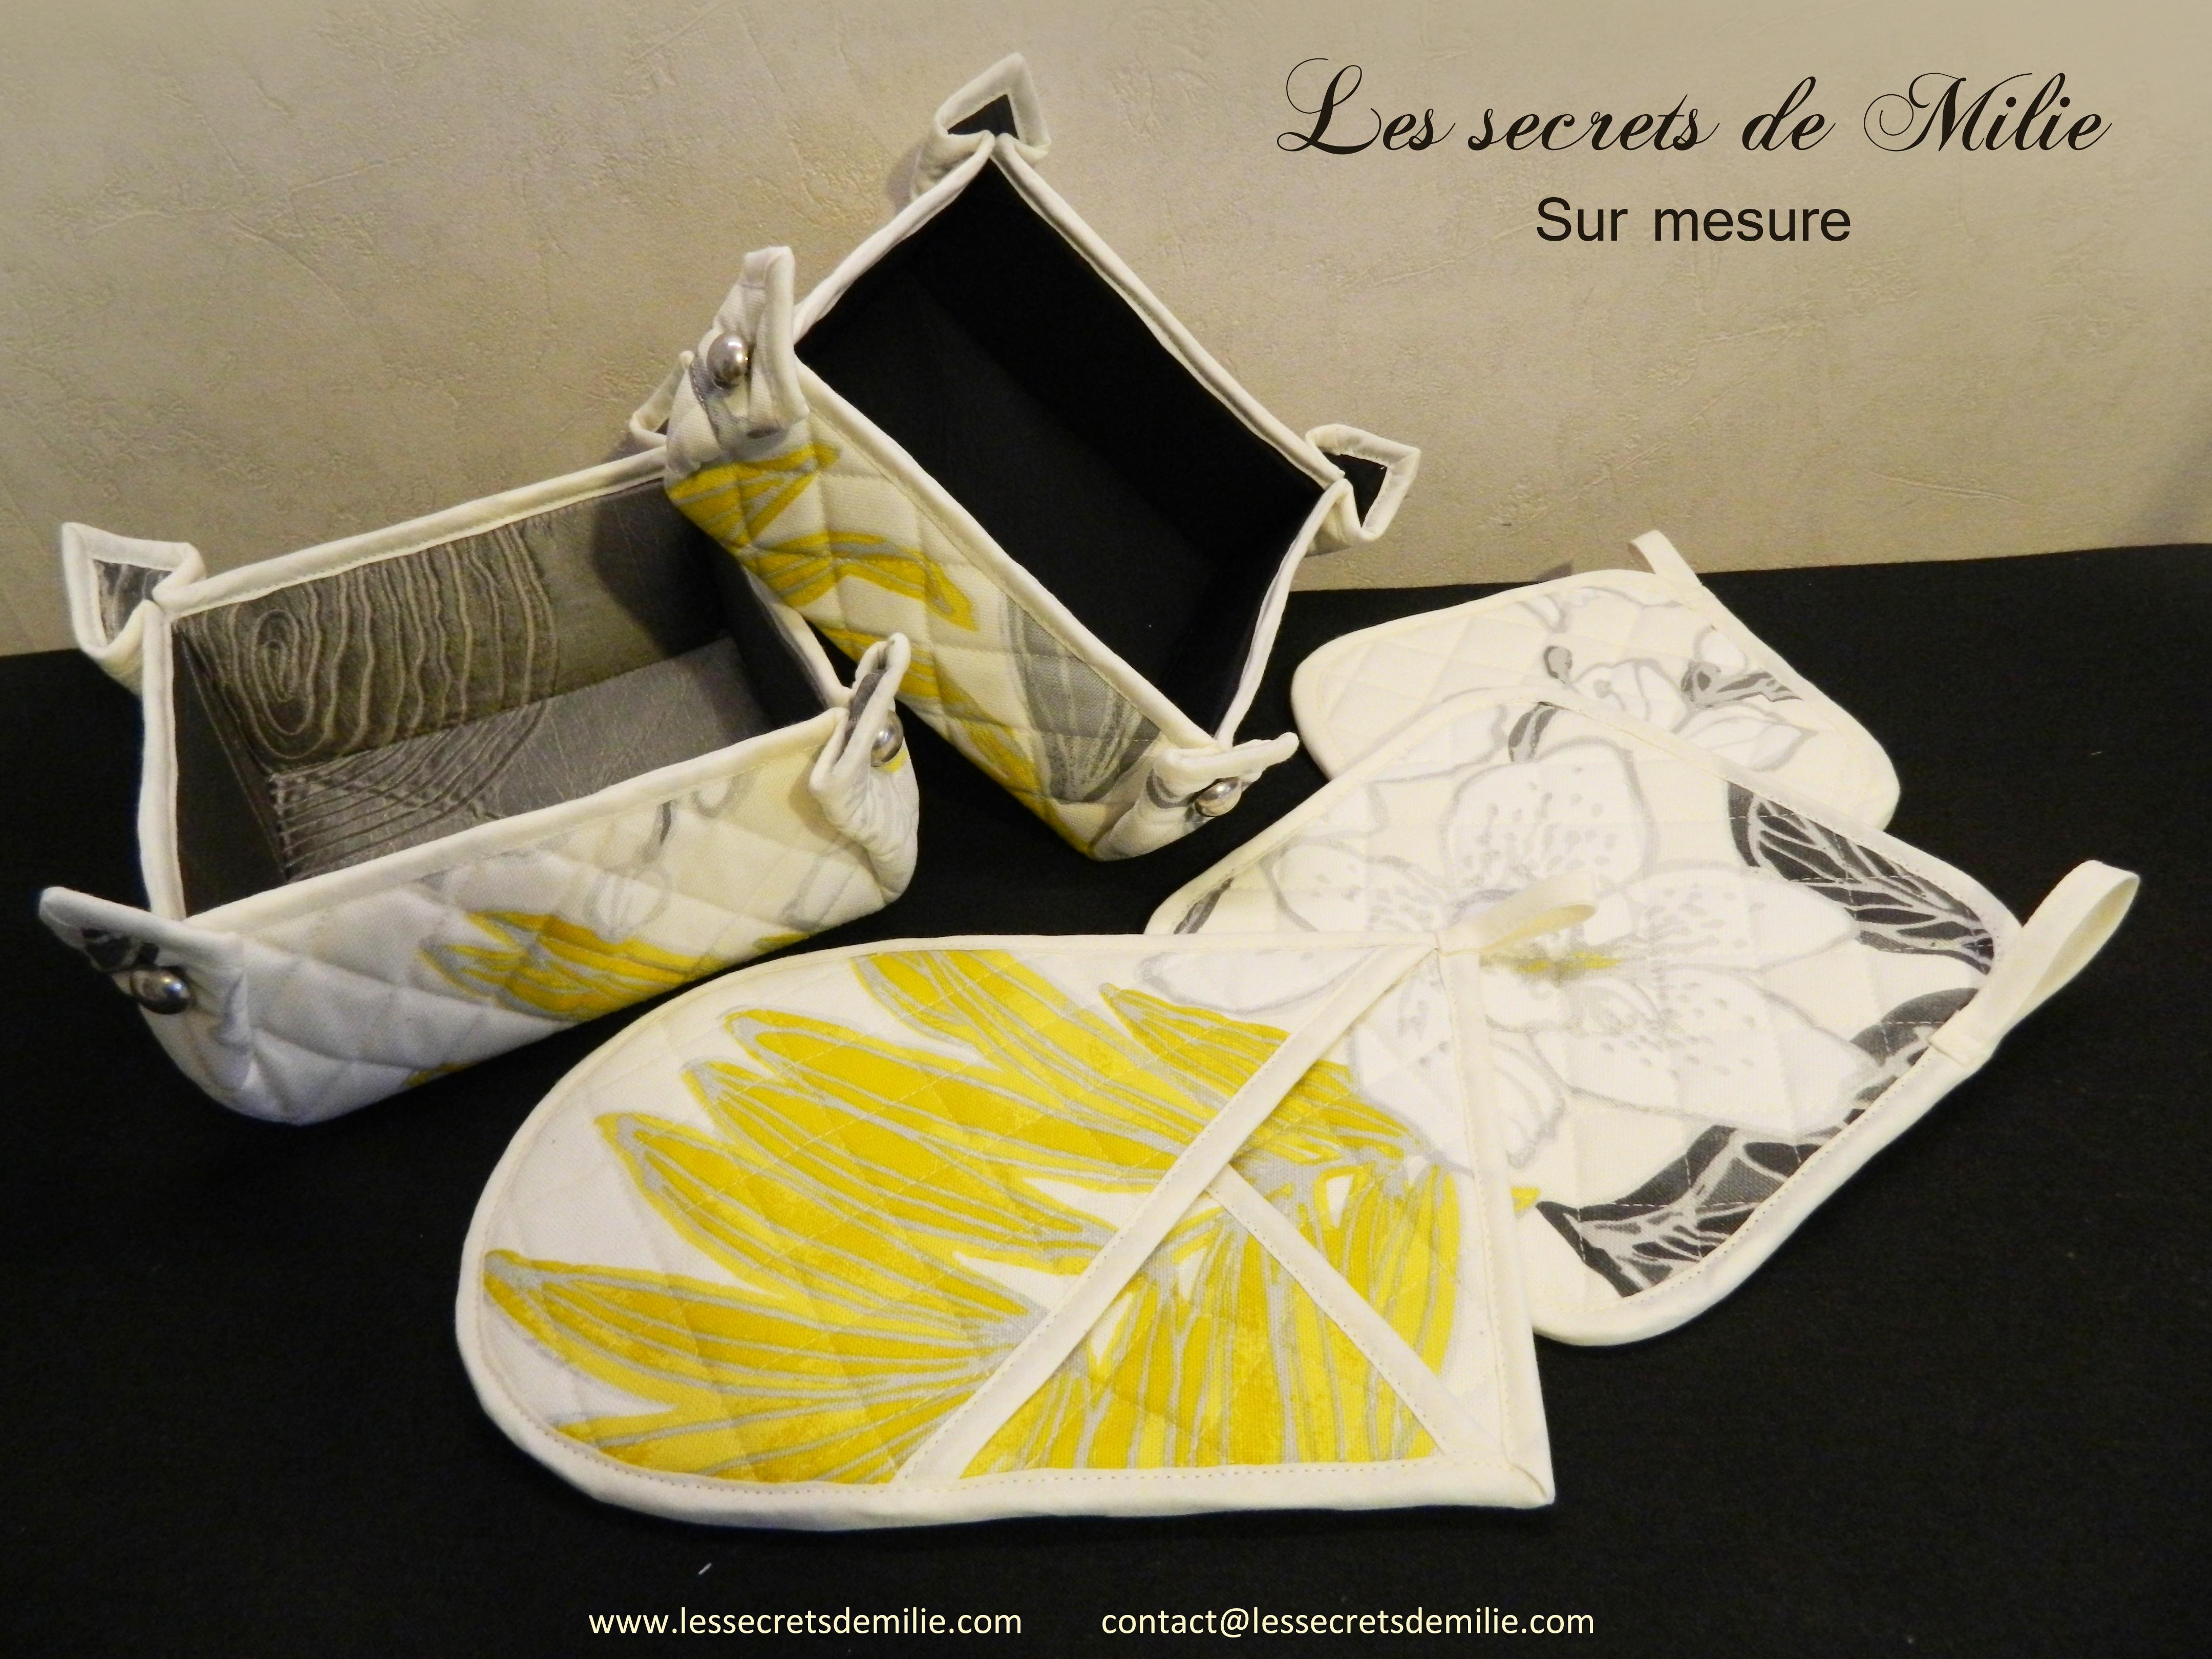 Panière_et_manique_Les_secrets_de_Milie